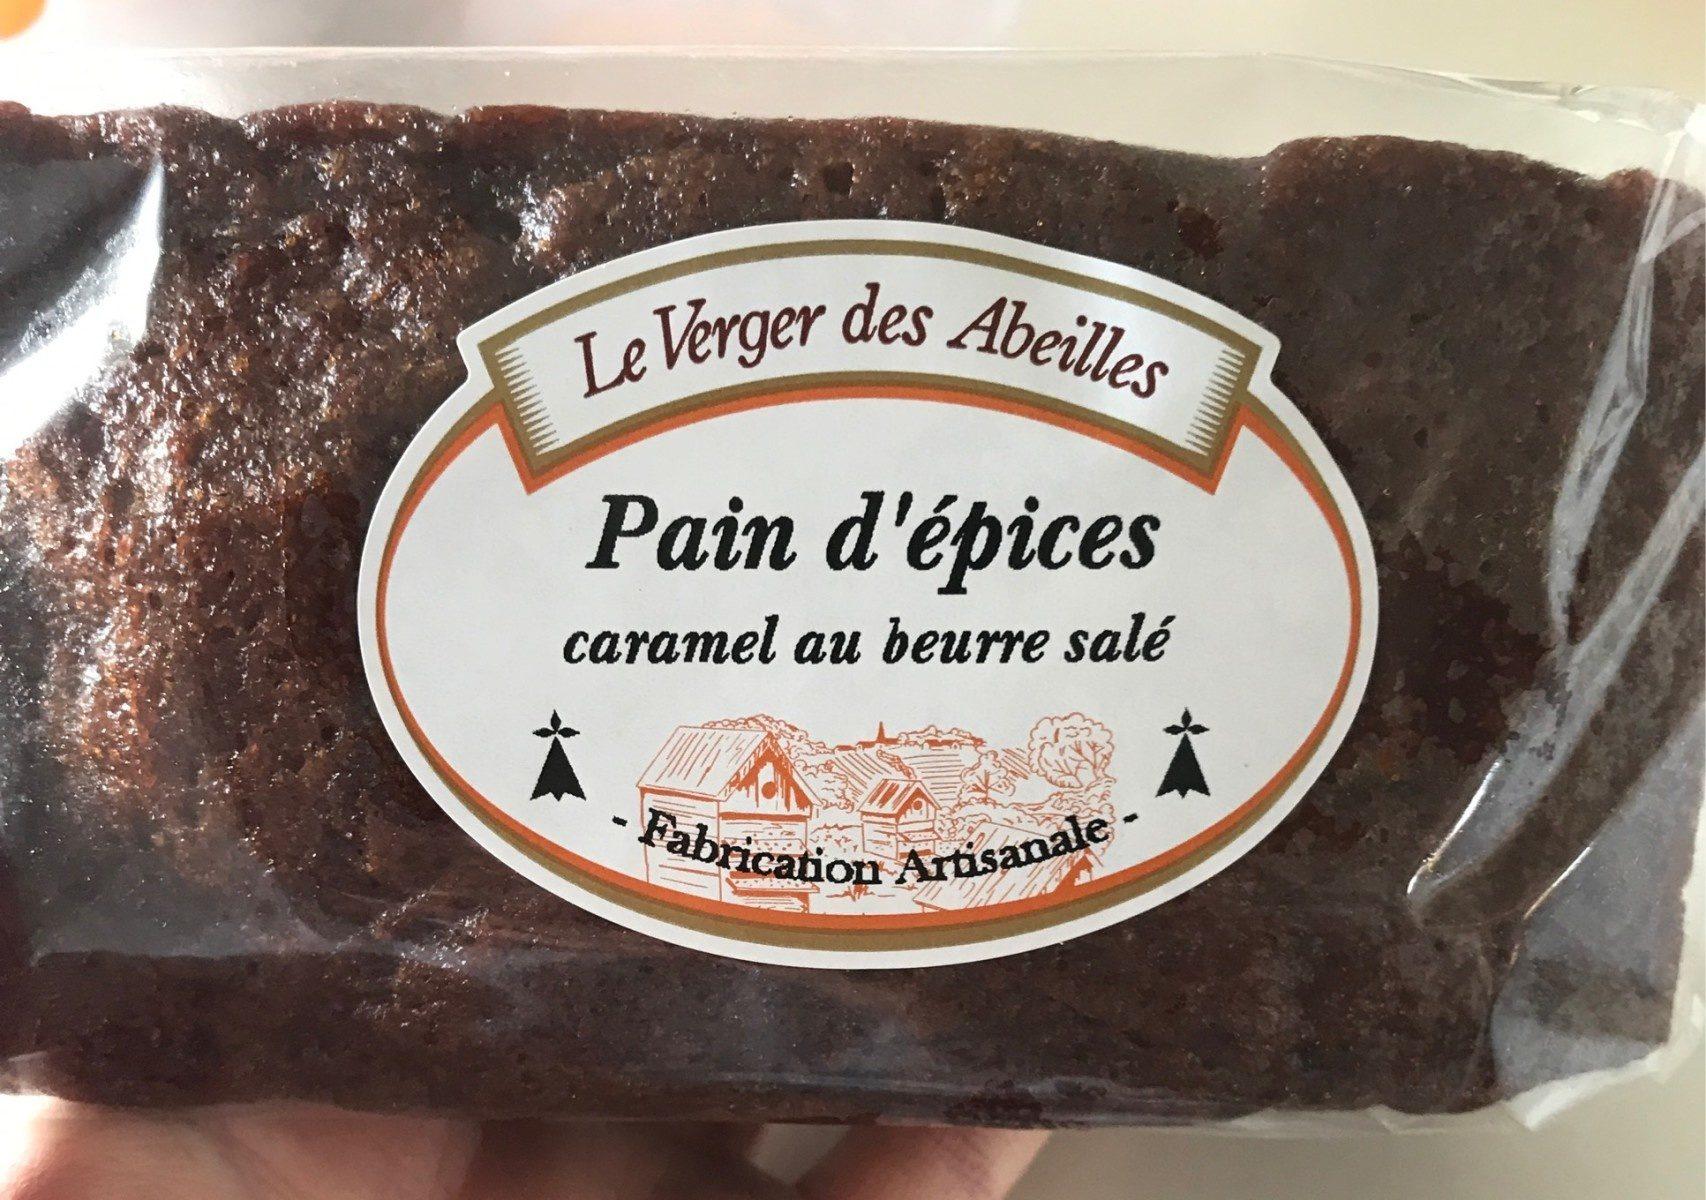 Pain d'épices caramel au beurre salé - Product